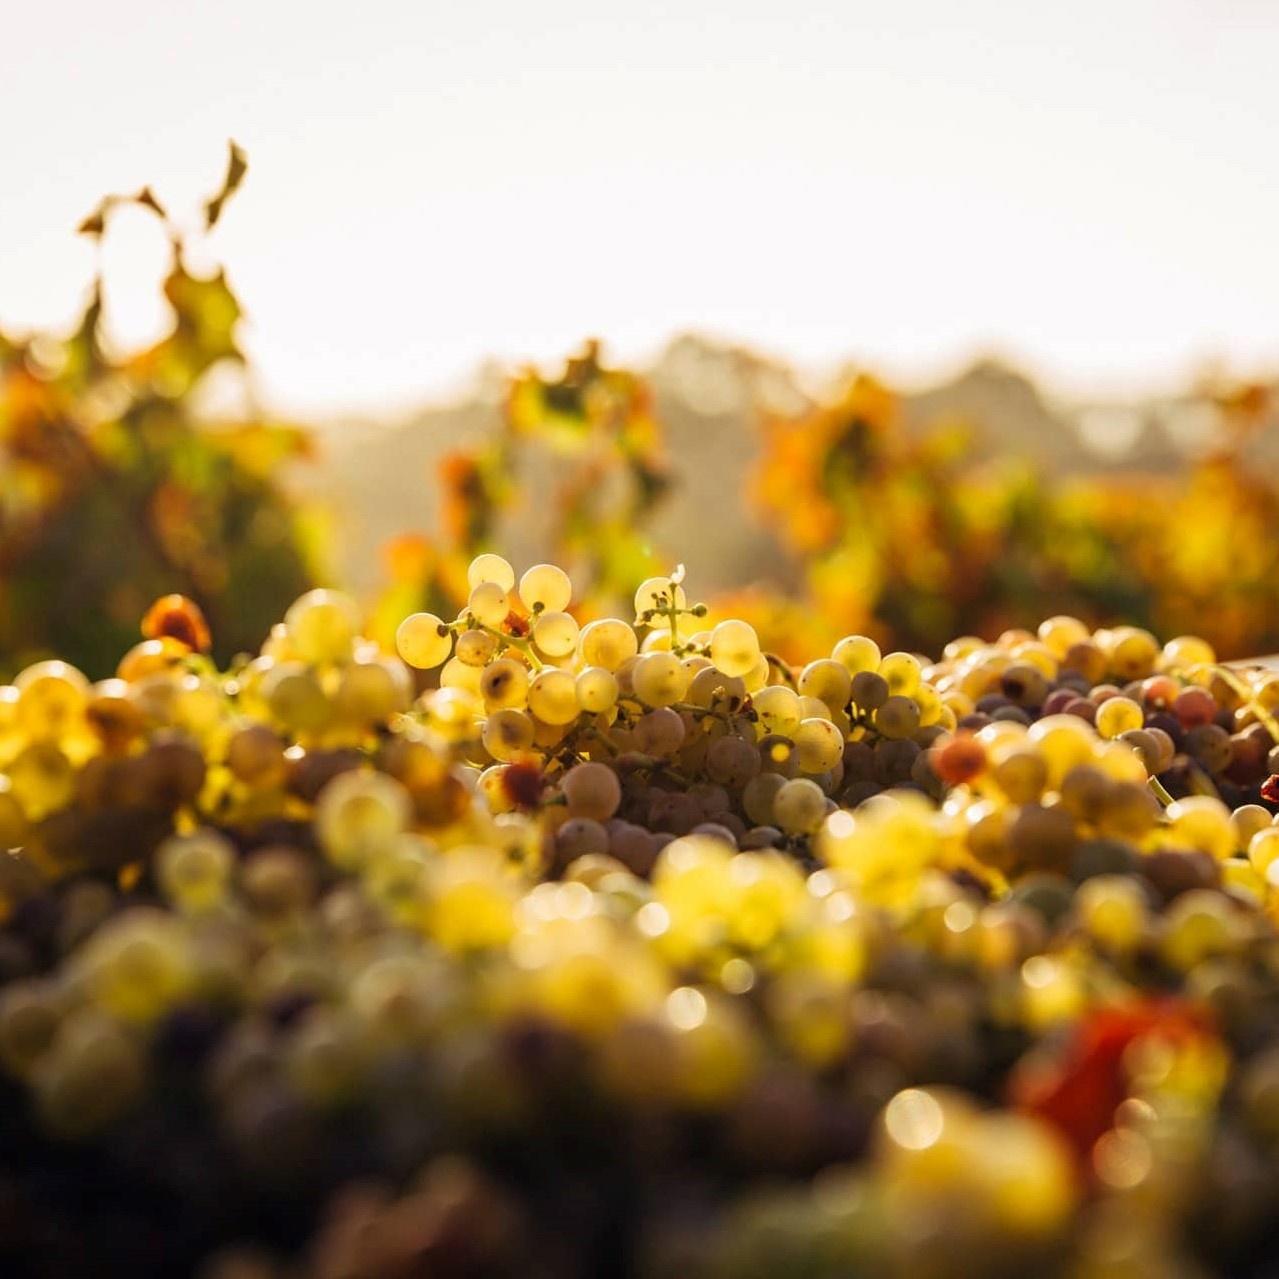 Veld met witte druiven